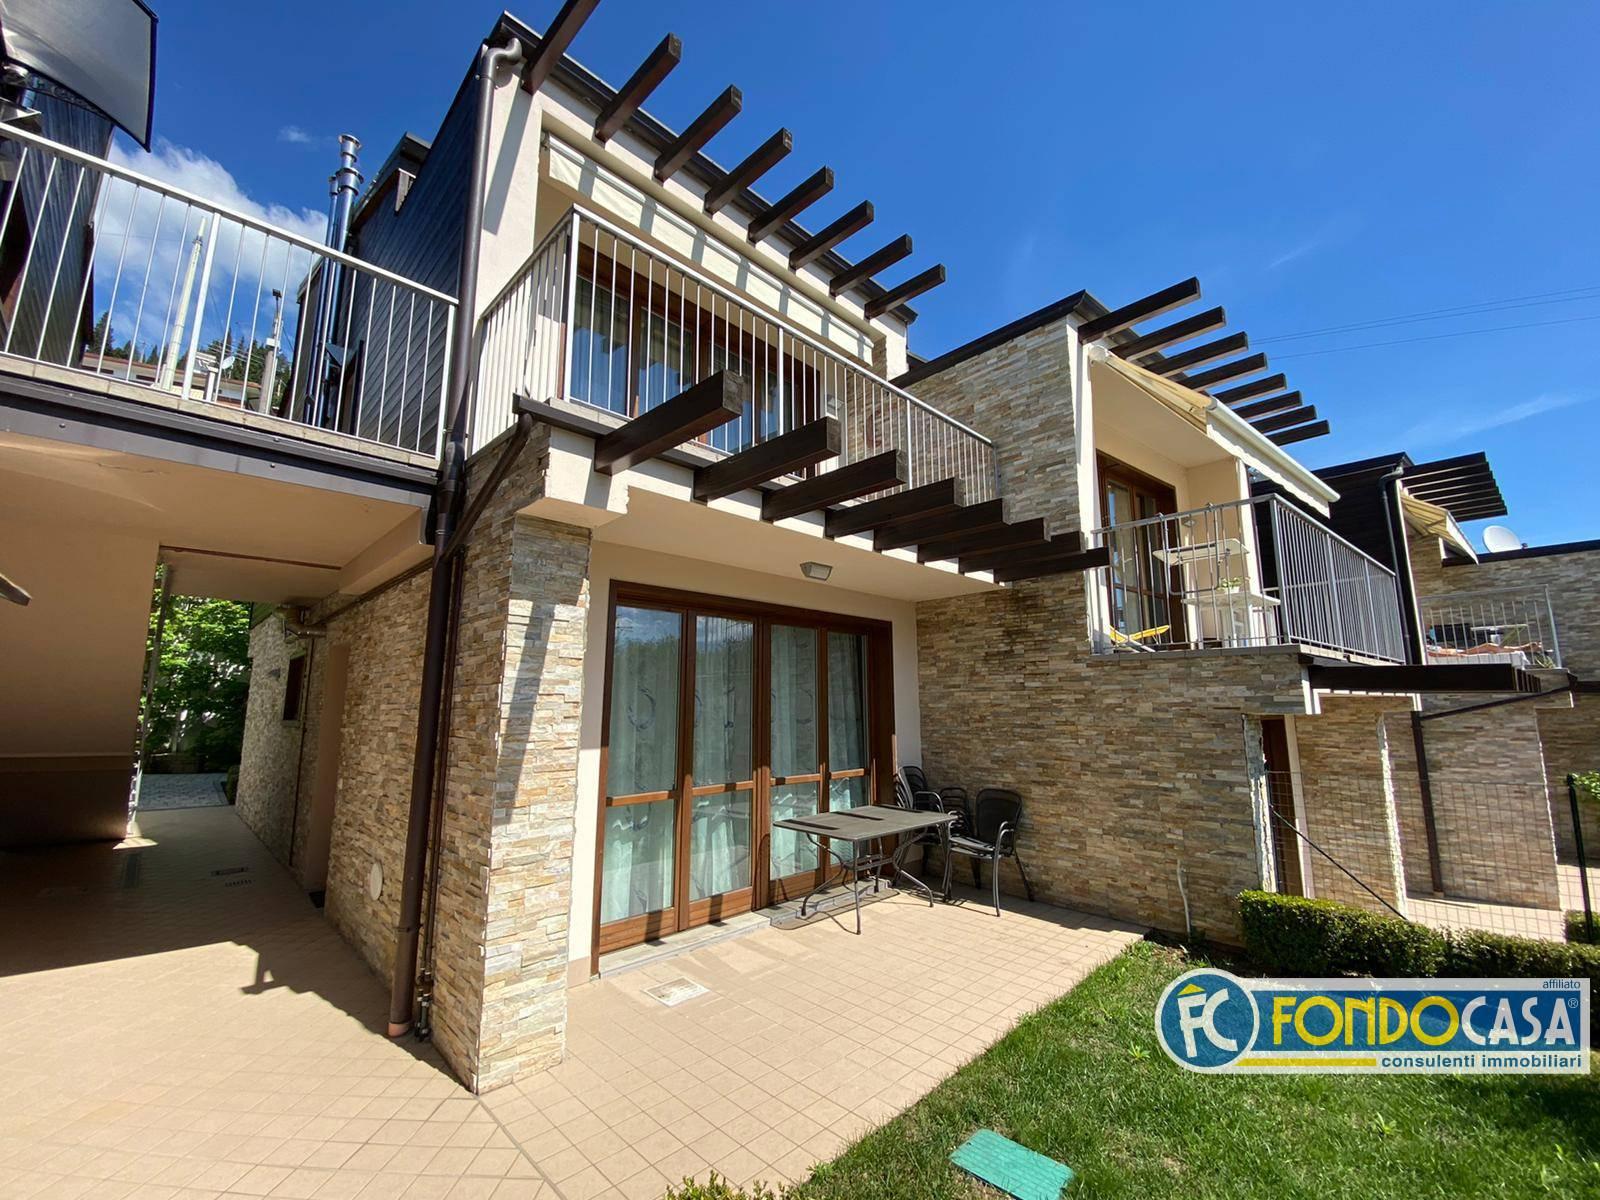 Appartamento in vendita a Toscolano-Maderno, 3 locali, prezzo € 195.000 | PortaleAgenzieImmobiliari.it